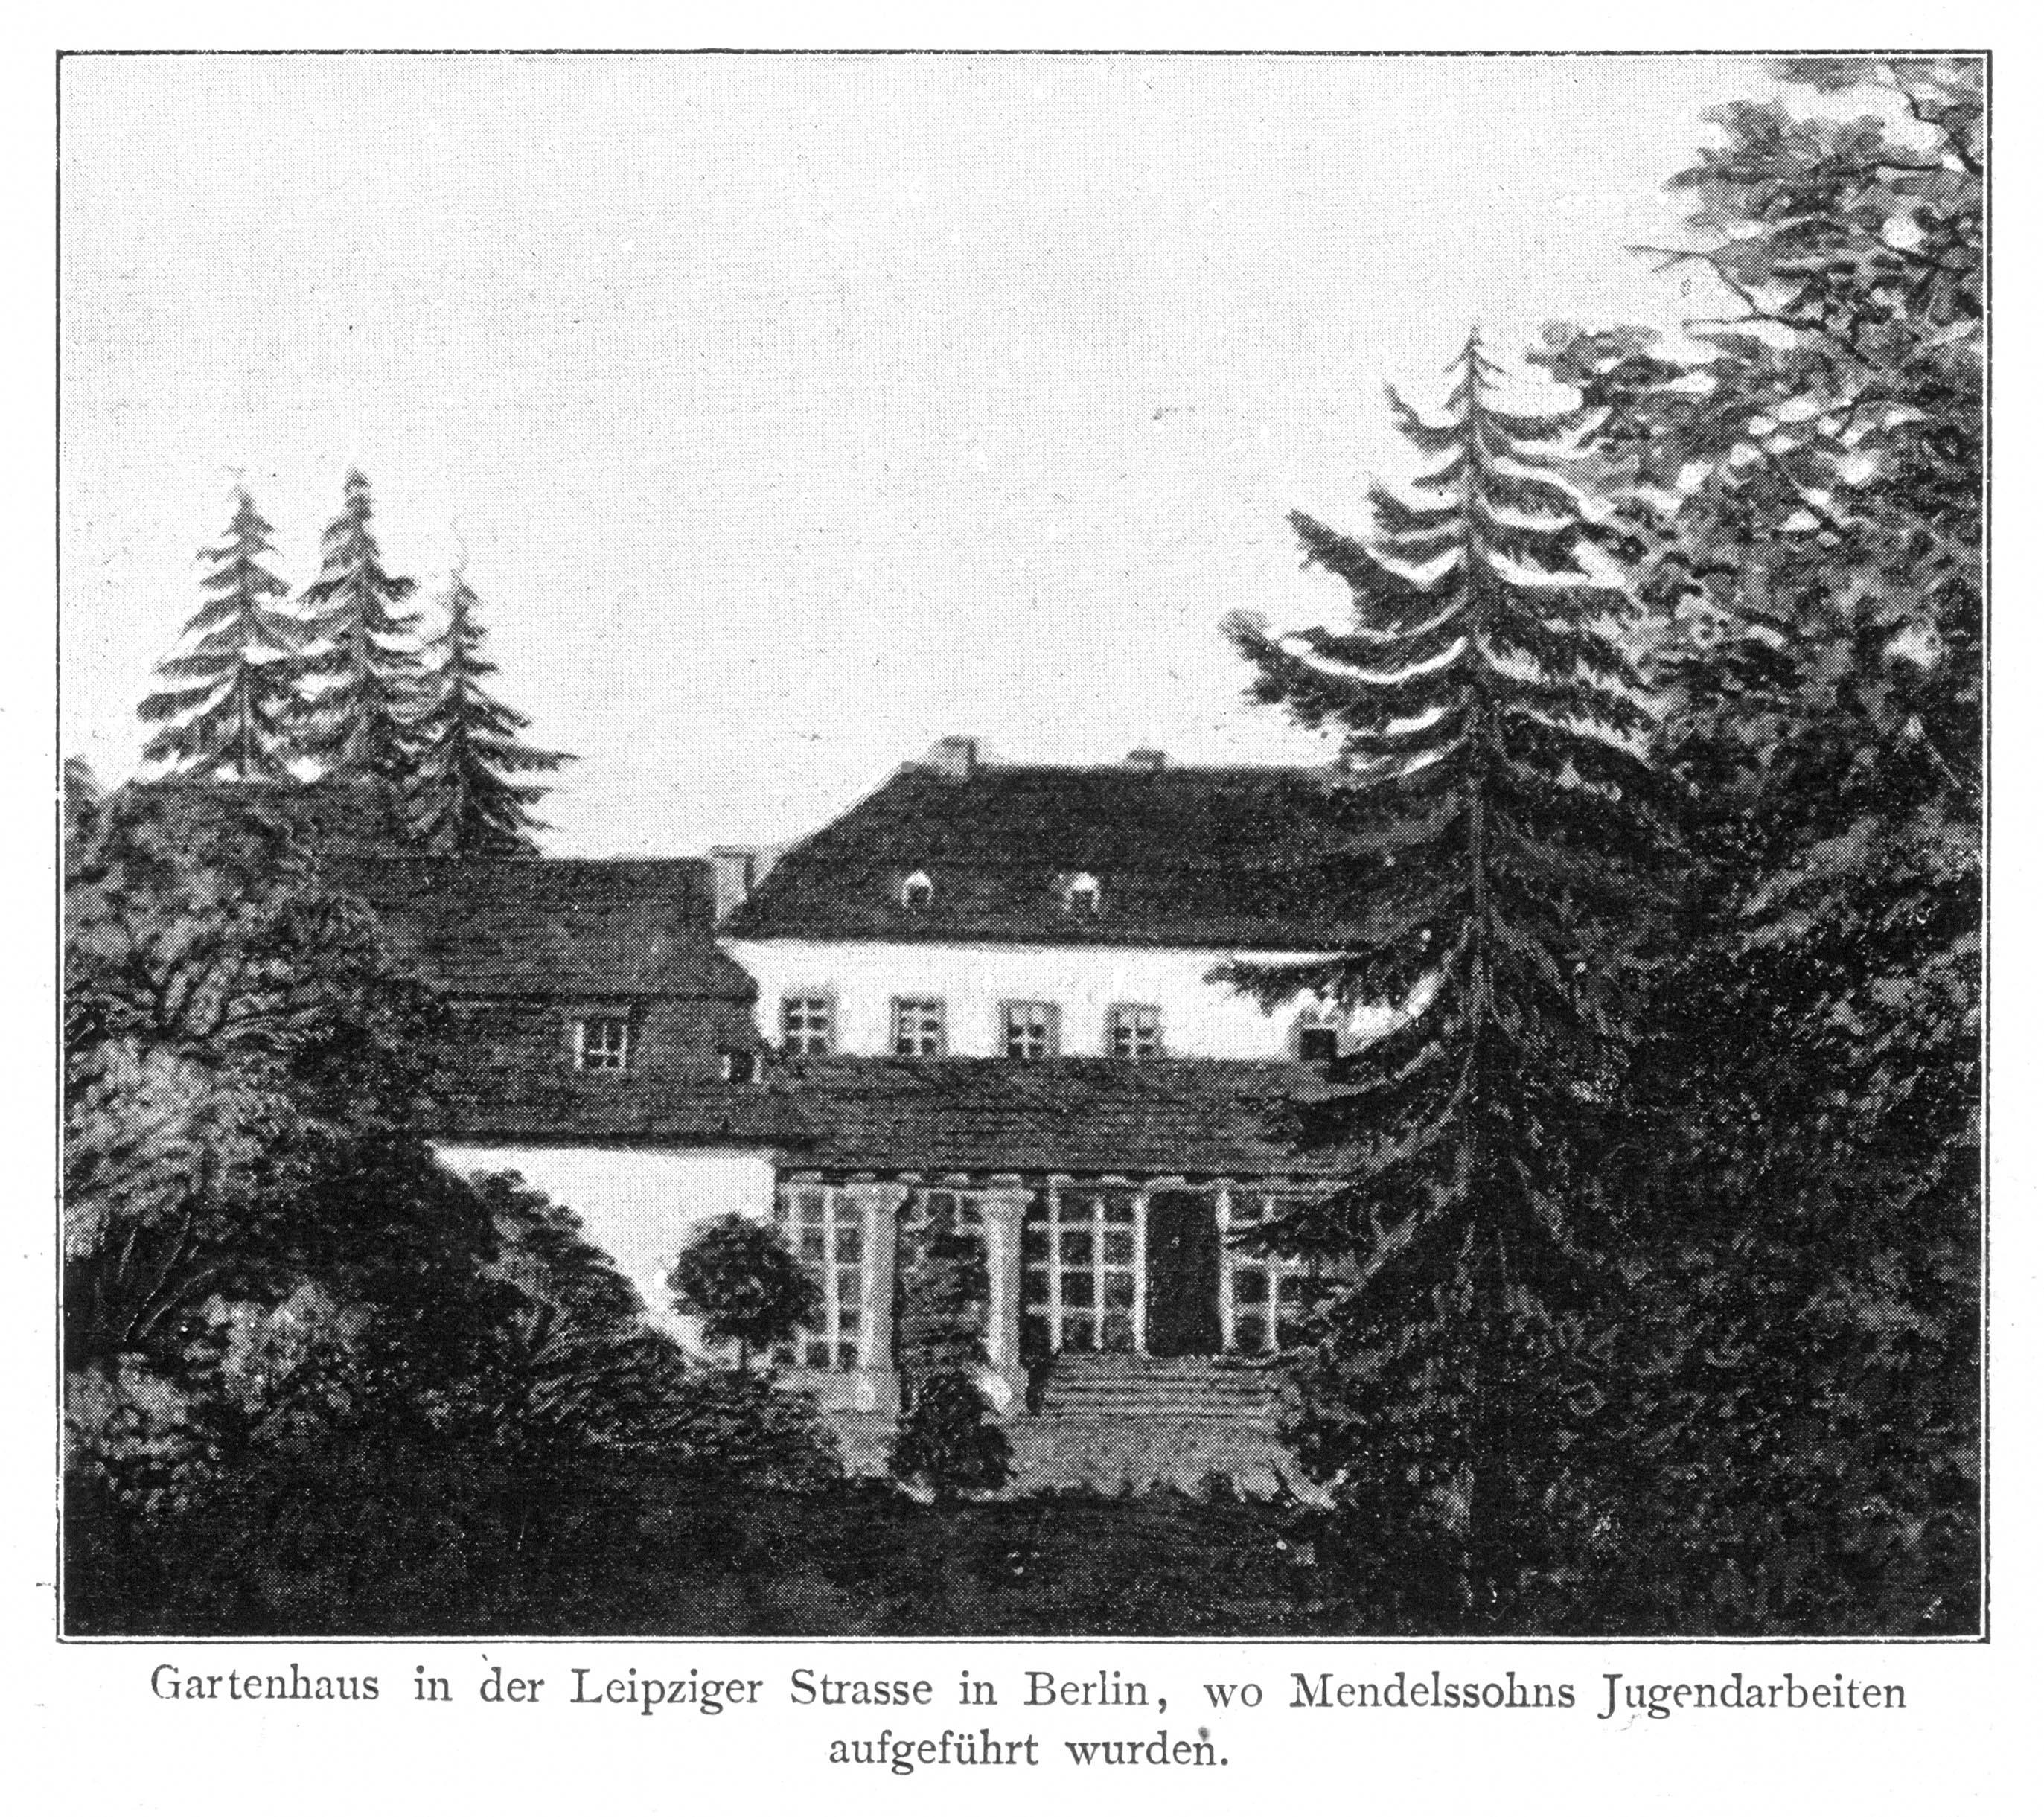 Das Gartenhaus der Familie Mendelssohn Bartholdy in der Leipzigerstraße 3 in Berlin